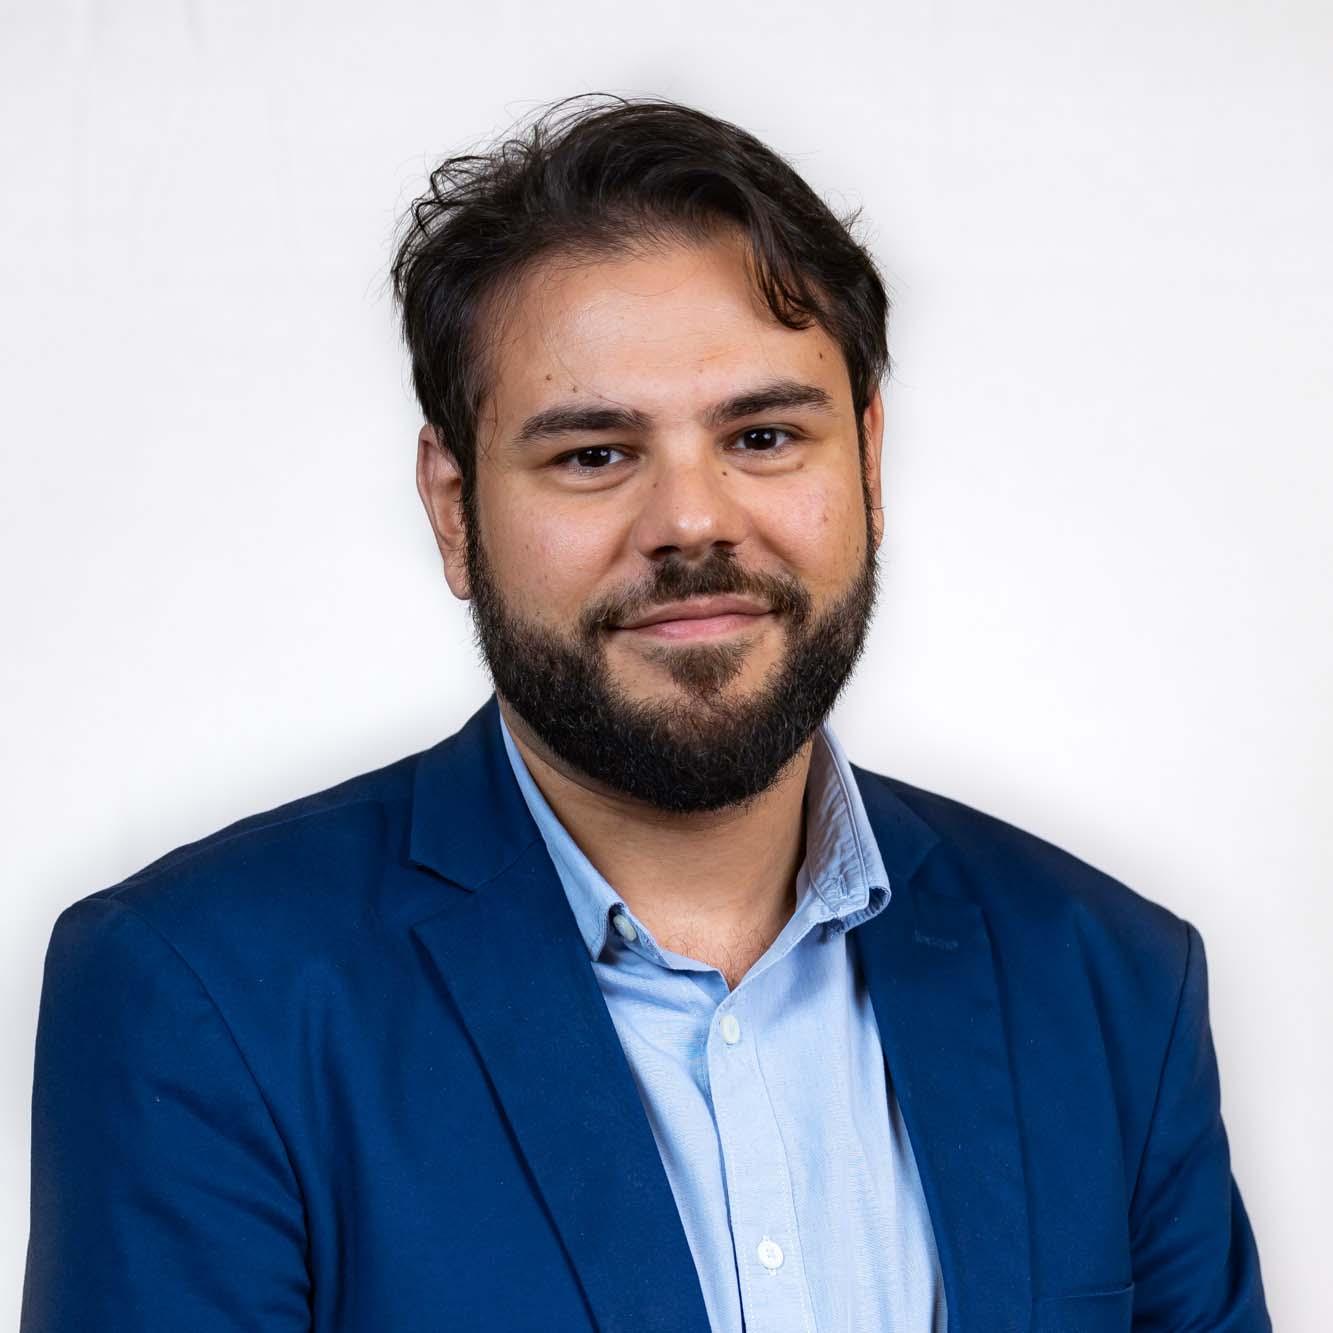 Dott. Emanuele Militello